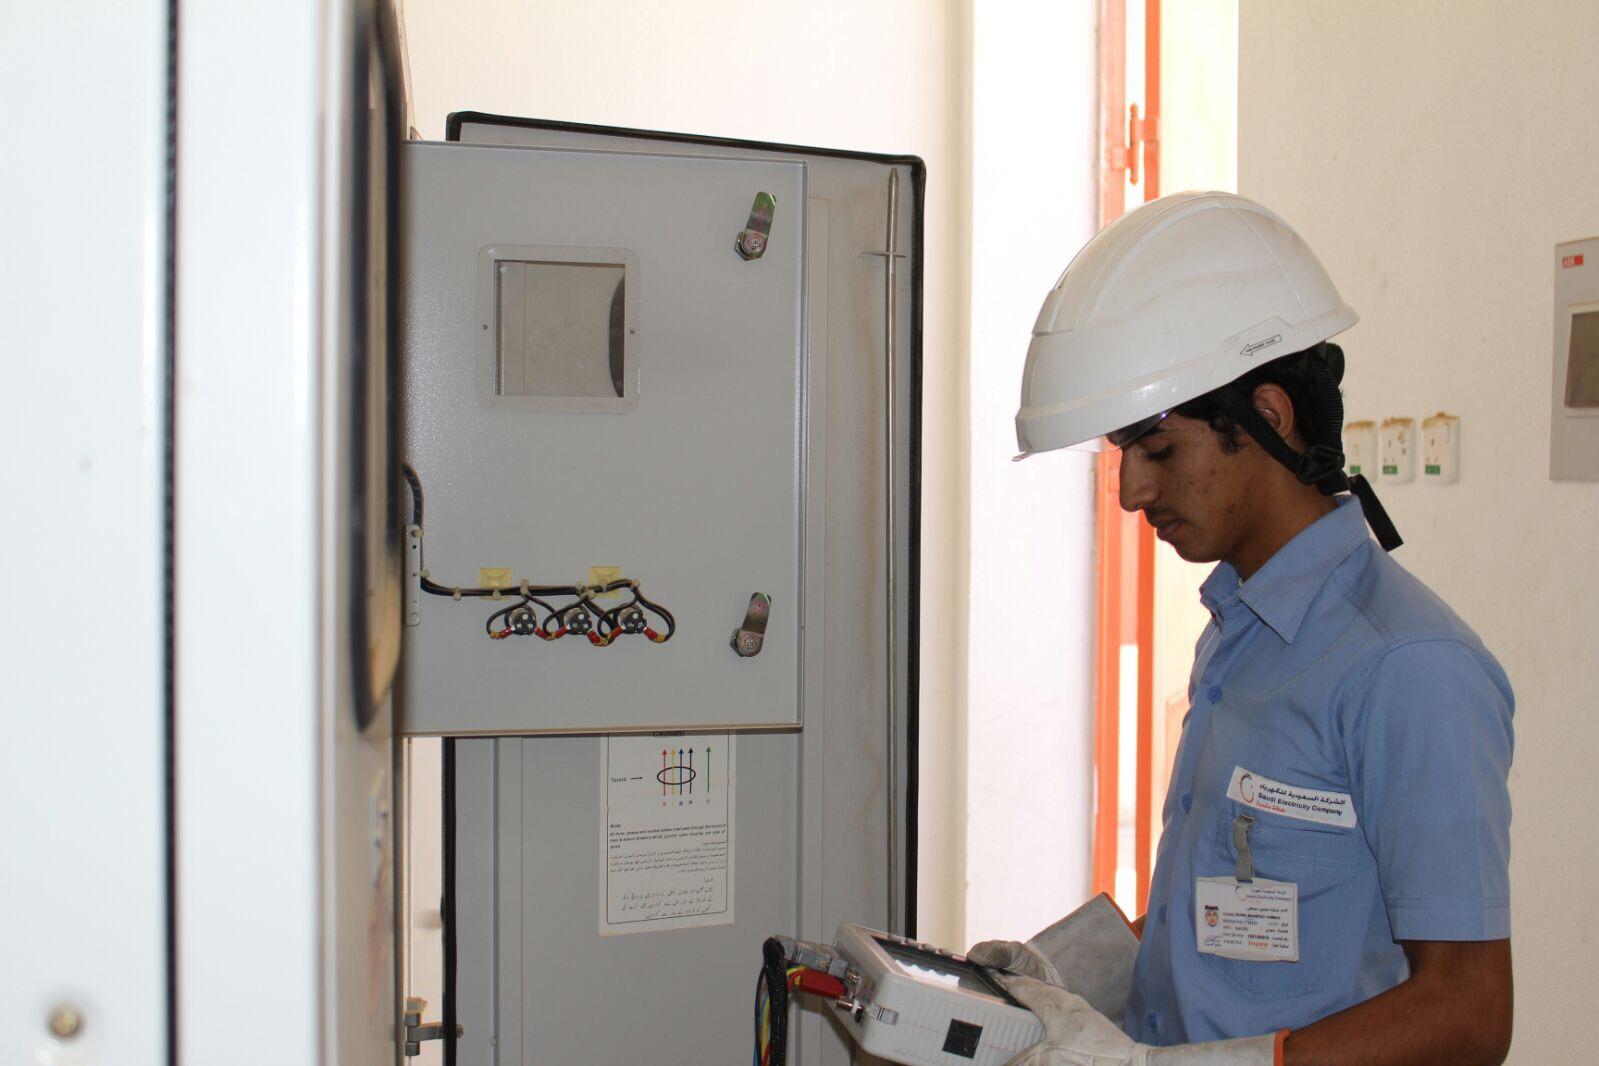 الكثير يعاني من ارتفاع فاتورة الكهرباء بدون سبب؟ إليك الحل والمشكلة